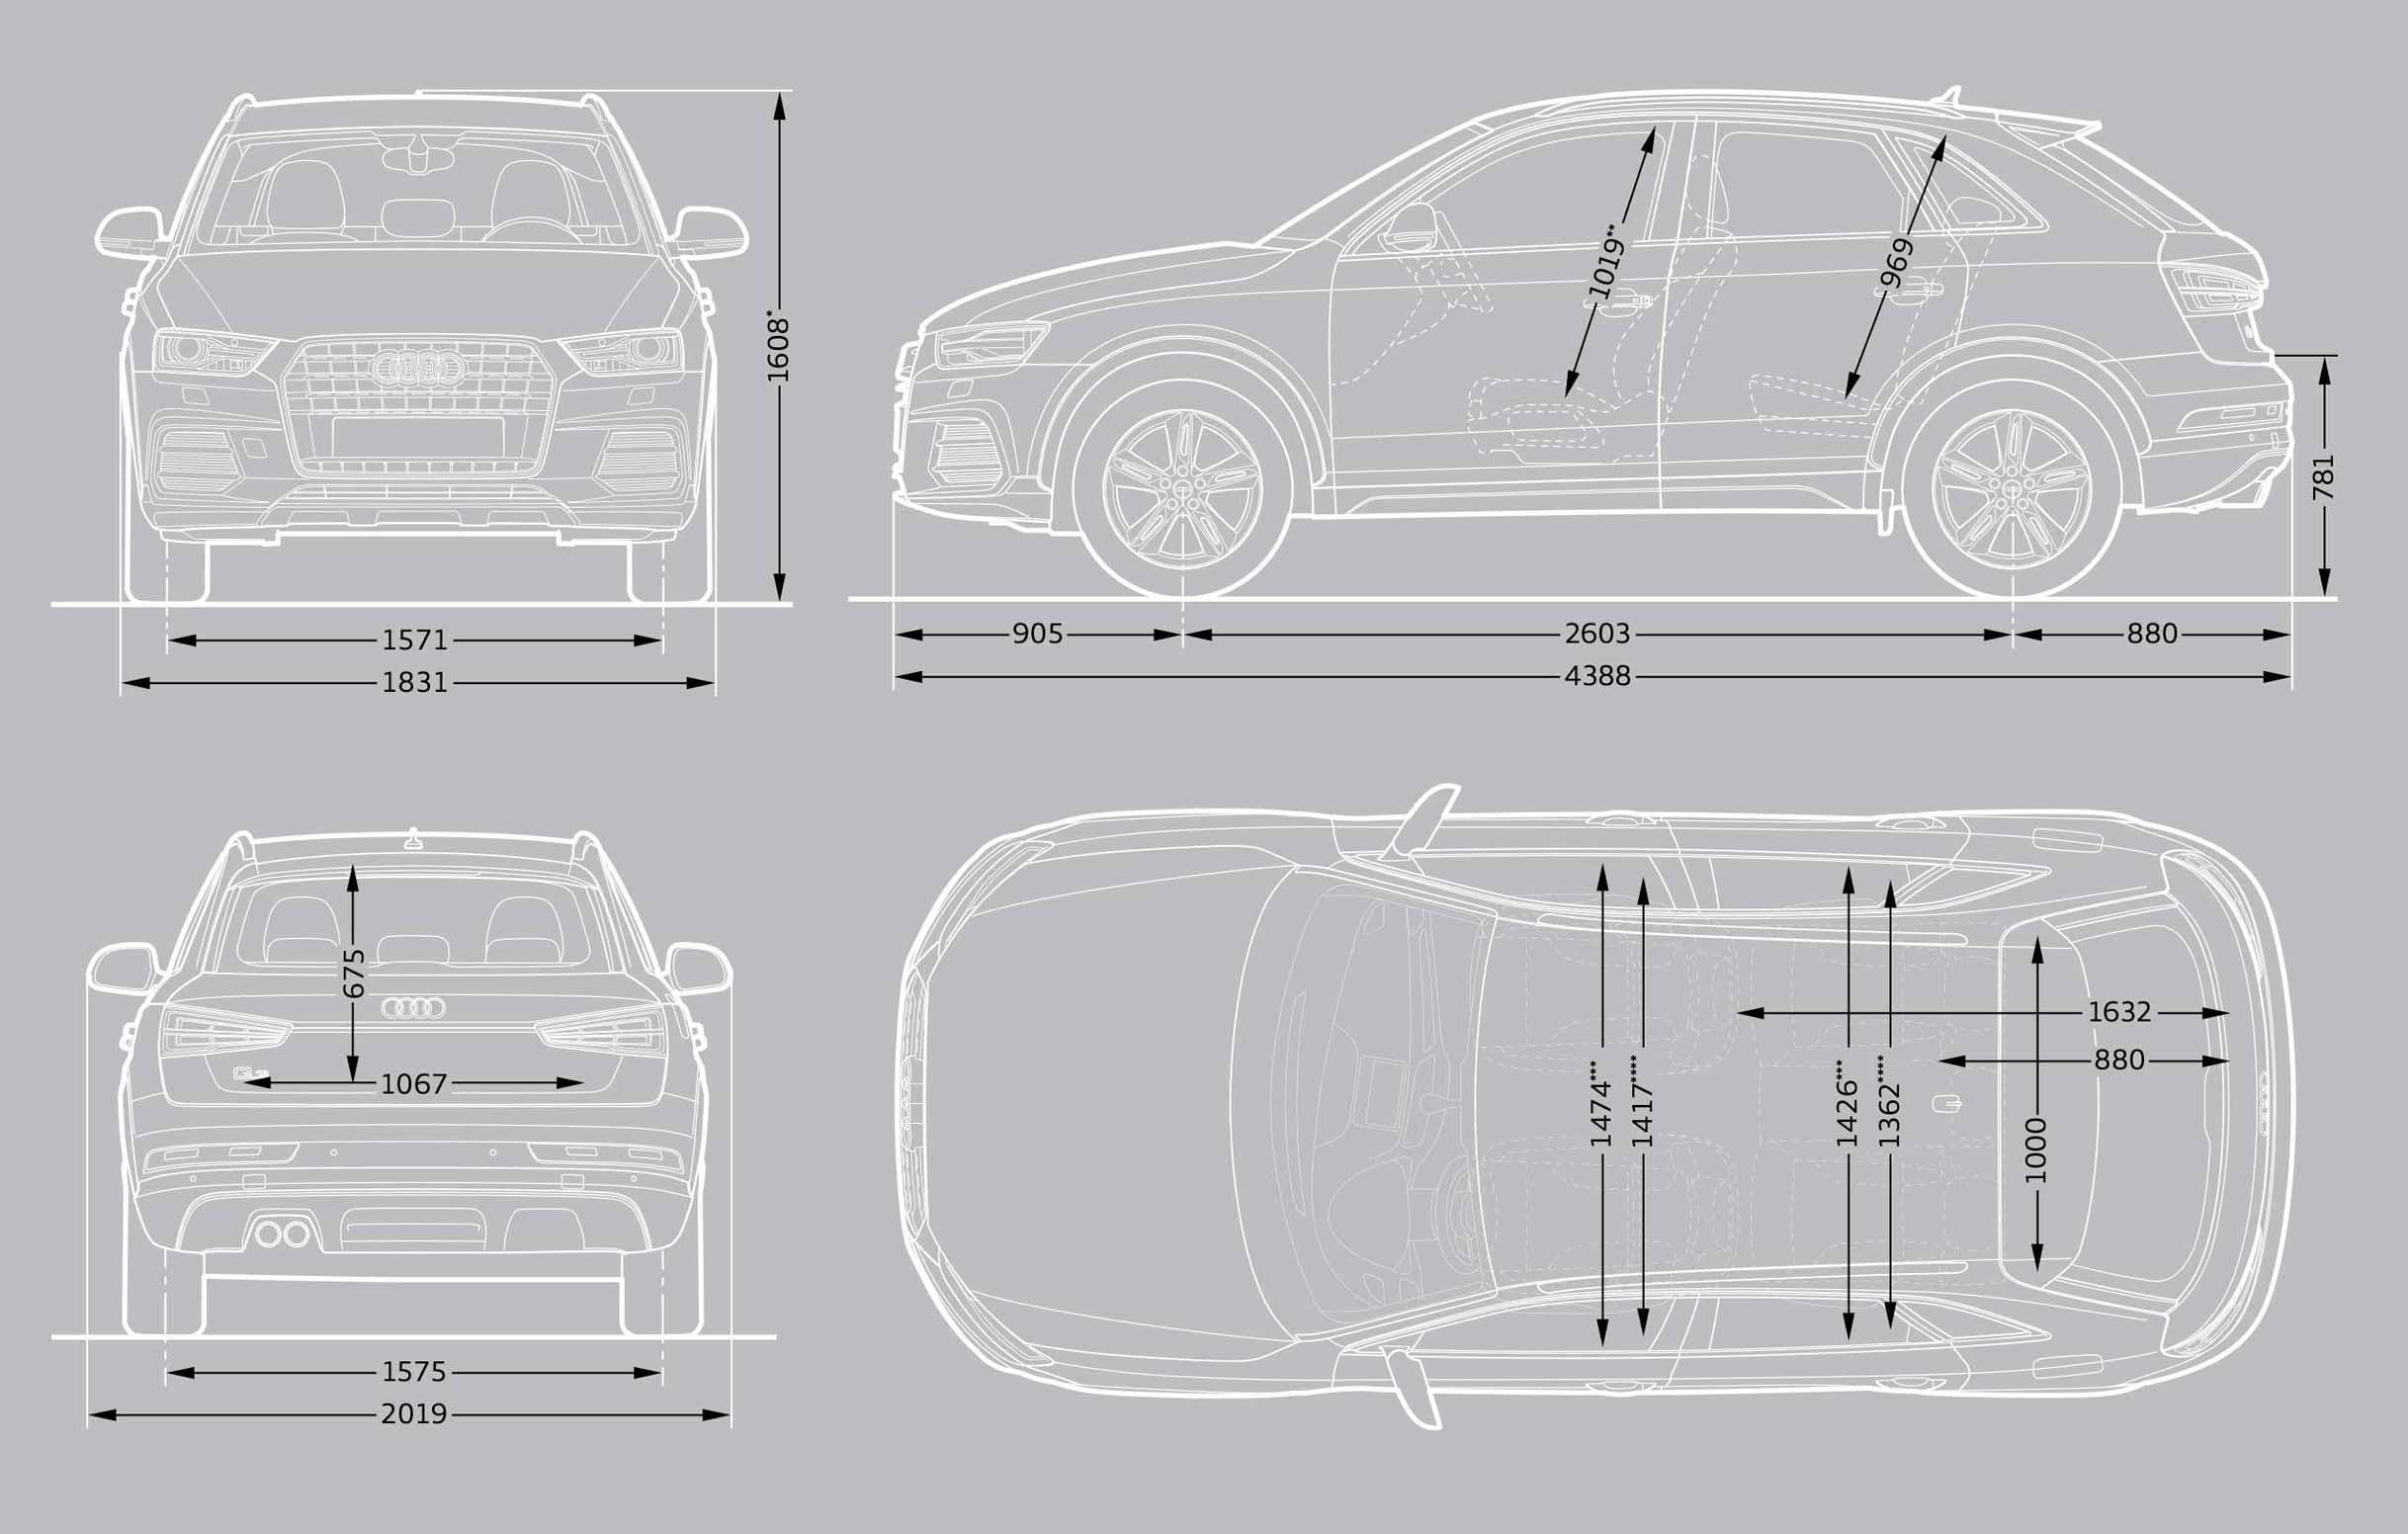 Audi Q3 Interior Dimensions